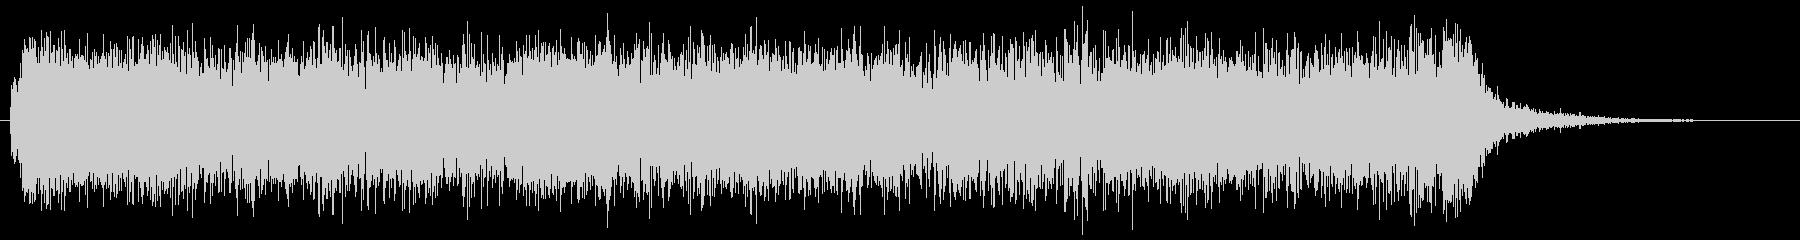 メタルギターフレーズ 様式美 141Bの未再生の波形